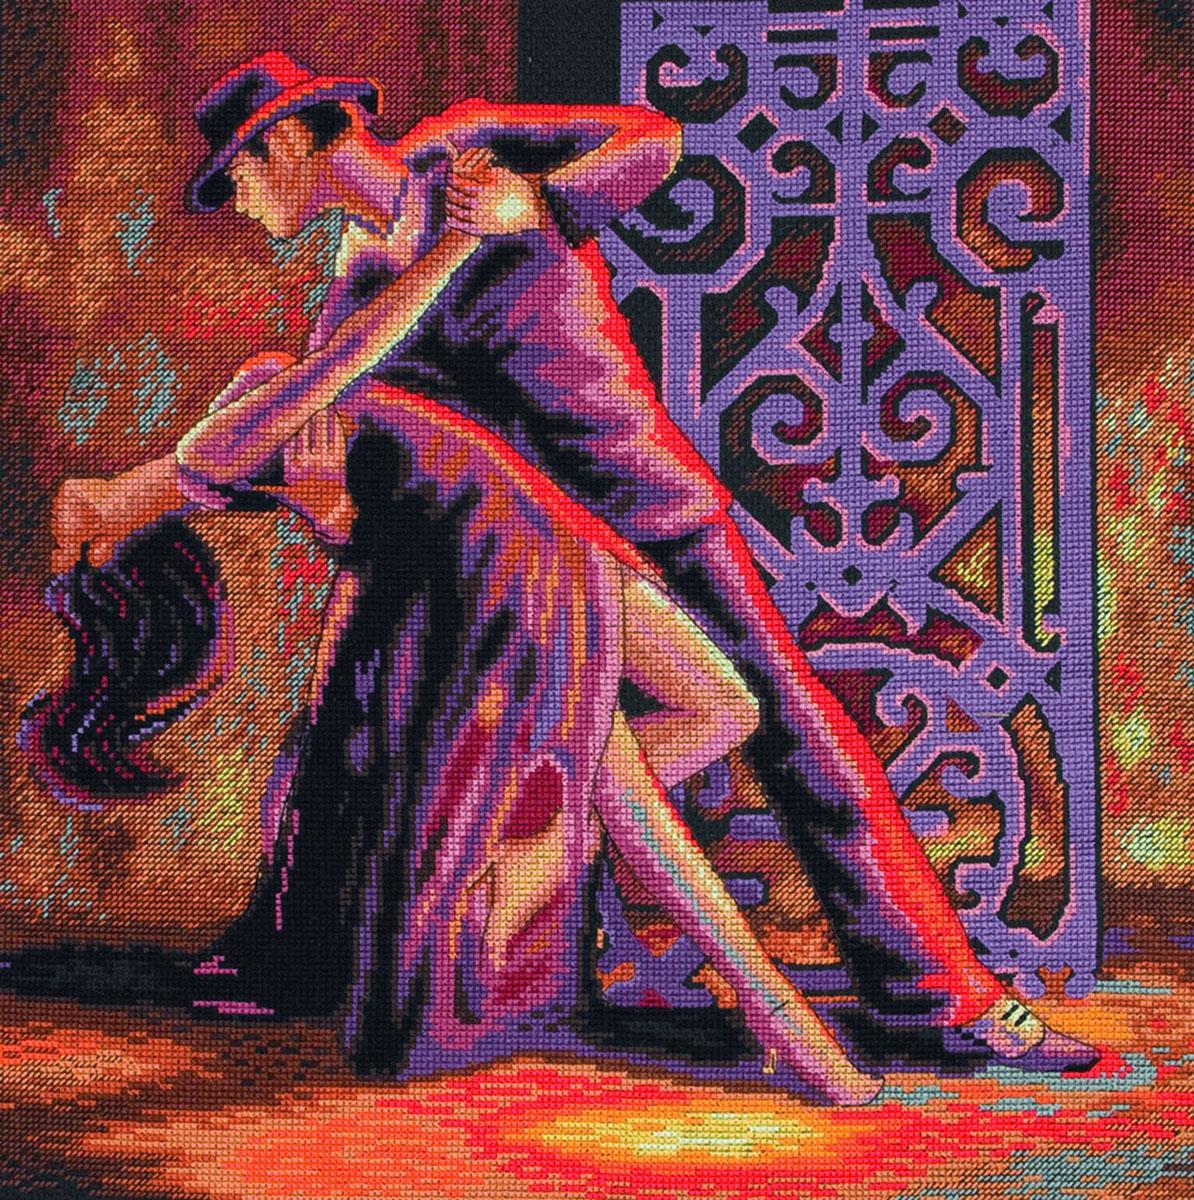 Набор для вышивания крестом Потанцуй со мной, 30 см х 30 см5678000-01169В наборе для вышивания крестом Потанцуй со мной есть все необходимое для создания роскошной интерьерной картины: обработанная канва Аида 16 черного цвета, хлопковые нитки мулине, символьная схема, 1 игла, инструкция по вышиванию на русском языке. Необычайной красоты рисунок-вышивка с красочным изображением танцующей пары, привлечет к себе внимание и будет потрясающе смотреться в интерьере вашего помещения. Вышивание крестом отвлечет вас от повседневных забот и превратится в увлекательное занятие! Работа, сделанная своими руками, создаст особый уют и атмосферу в доме, и долгие годы будет радовать вас и ваших близких.